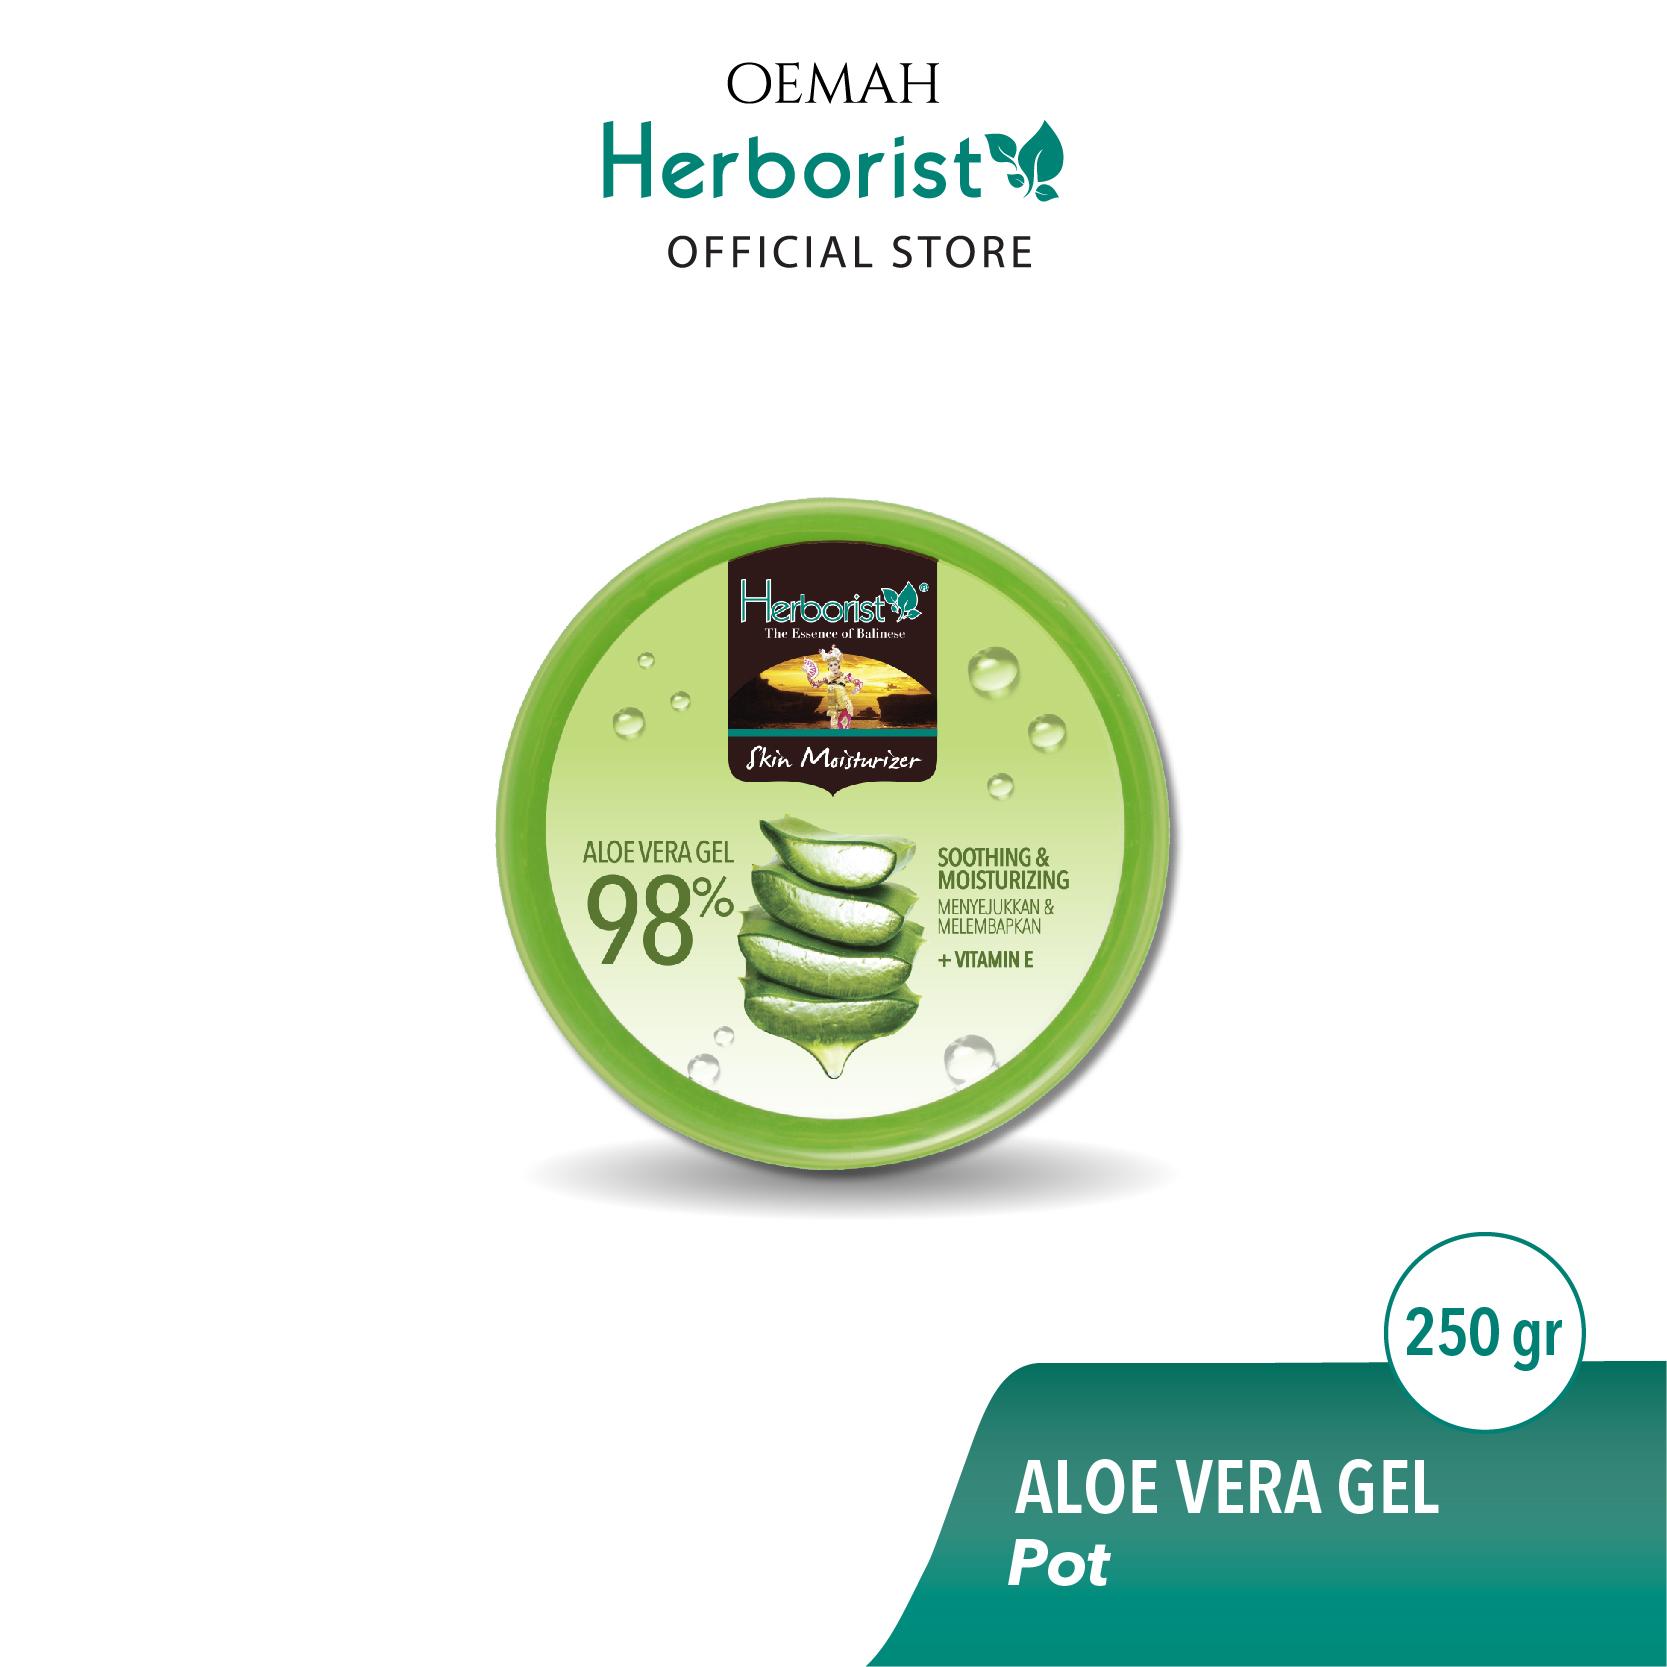 Herborist Aloe Vera Gel Pot 250gr